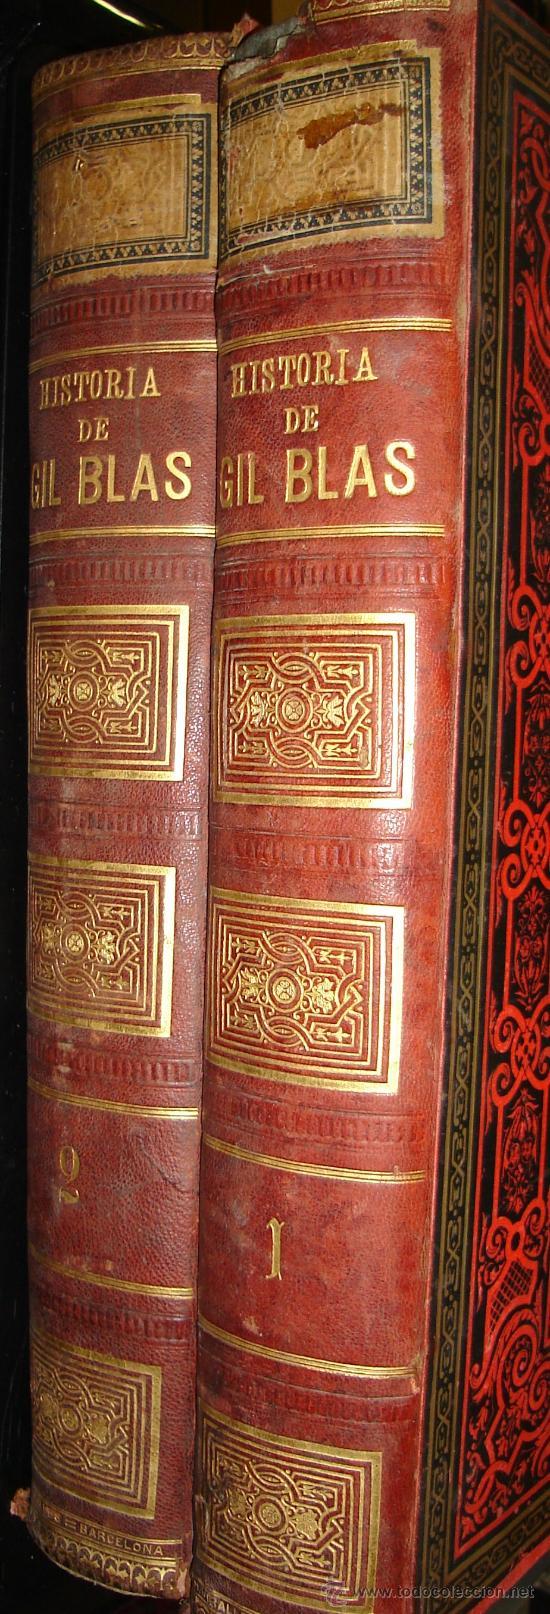 HISTORIA DE GIL BLAS DE SANTILLANA, LESAGE, TRAD.ADOLFO D CASTRO, 2TMS, BCN, ESPASA Y CÍA 1885 (Libros Antiguos, Raros y Curiosos - Historia - Otros)